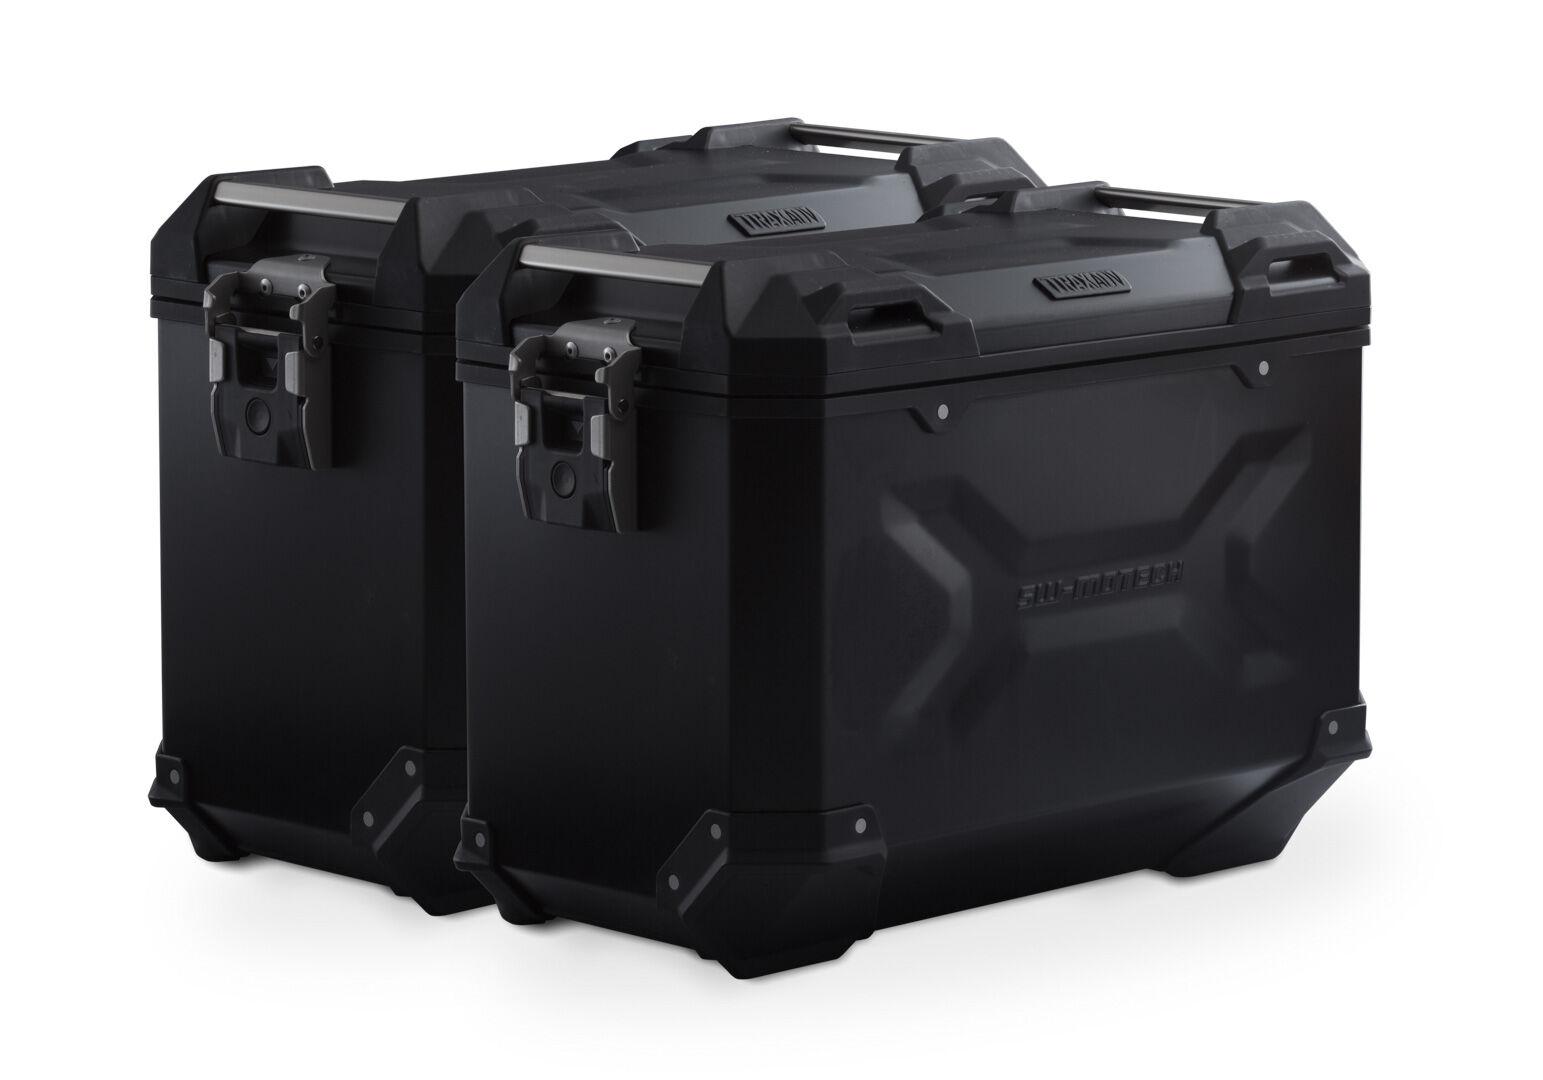 SW-Motech Sistema de maletas TRAX ADV - Negro. 45/45 l. Suzuki DL 650 (17-).